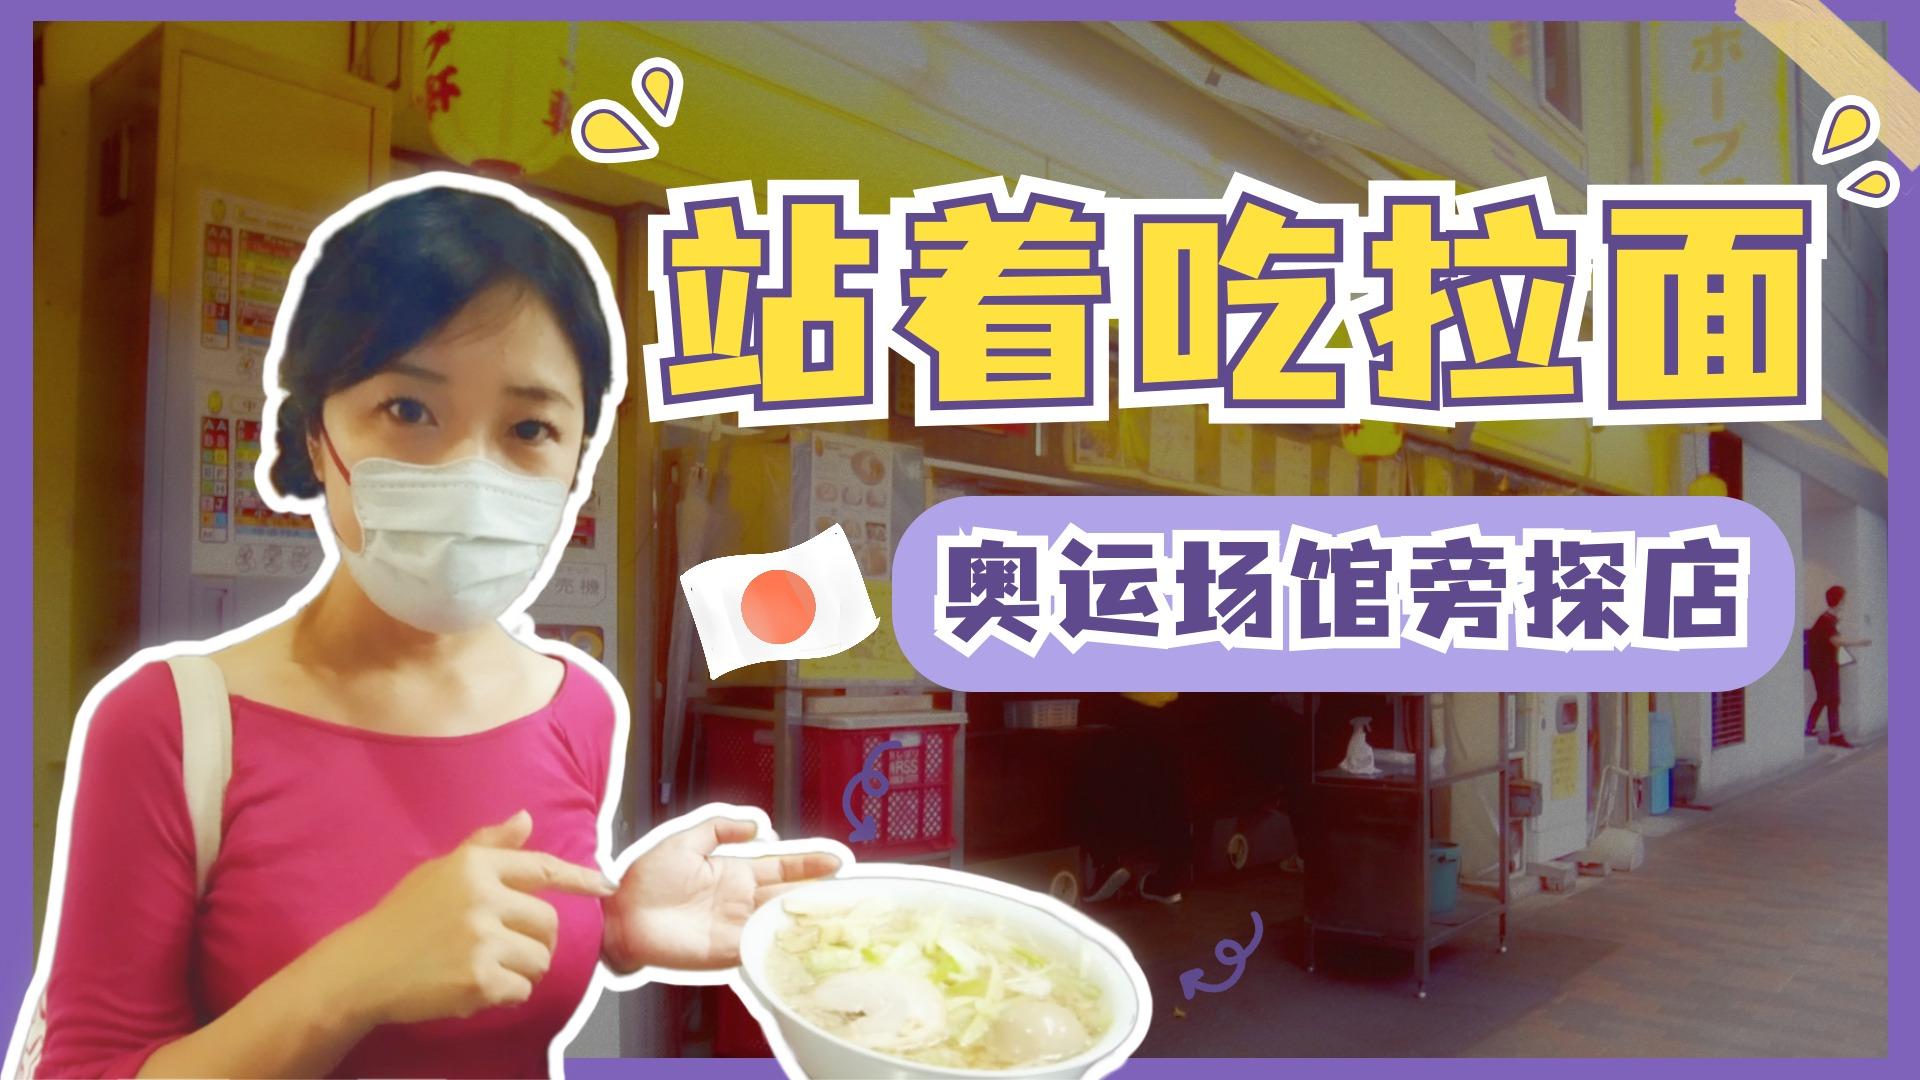 李淼的日本观察123:日本奥运会没观众餐馆生意惨淡 店员直呼活不下去了